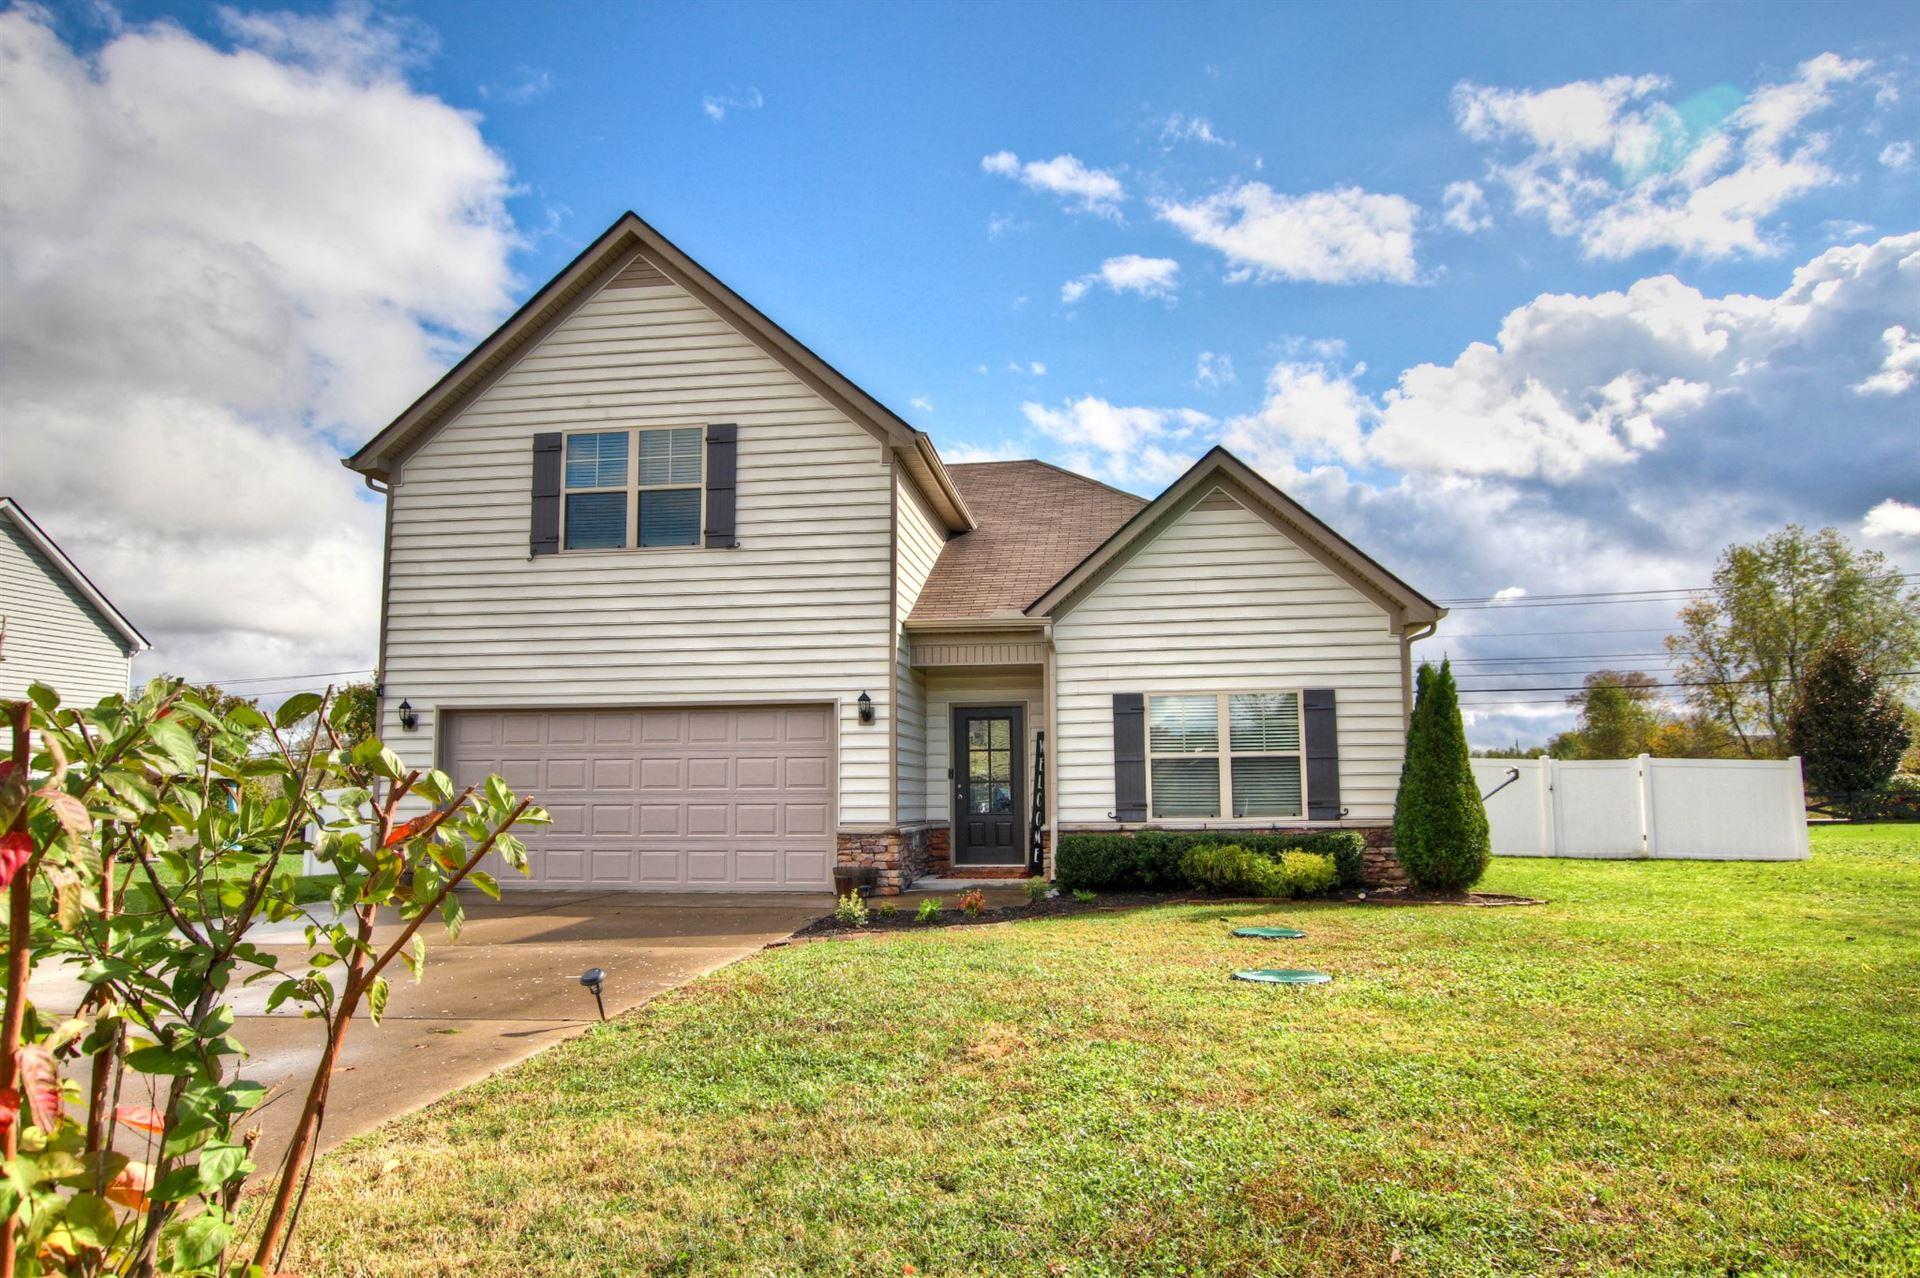 604 Creekbend Ln, Murfreesboro, TN 37129 - MLS#: 2202635